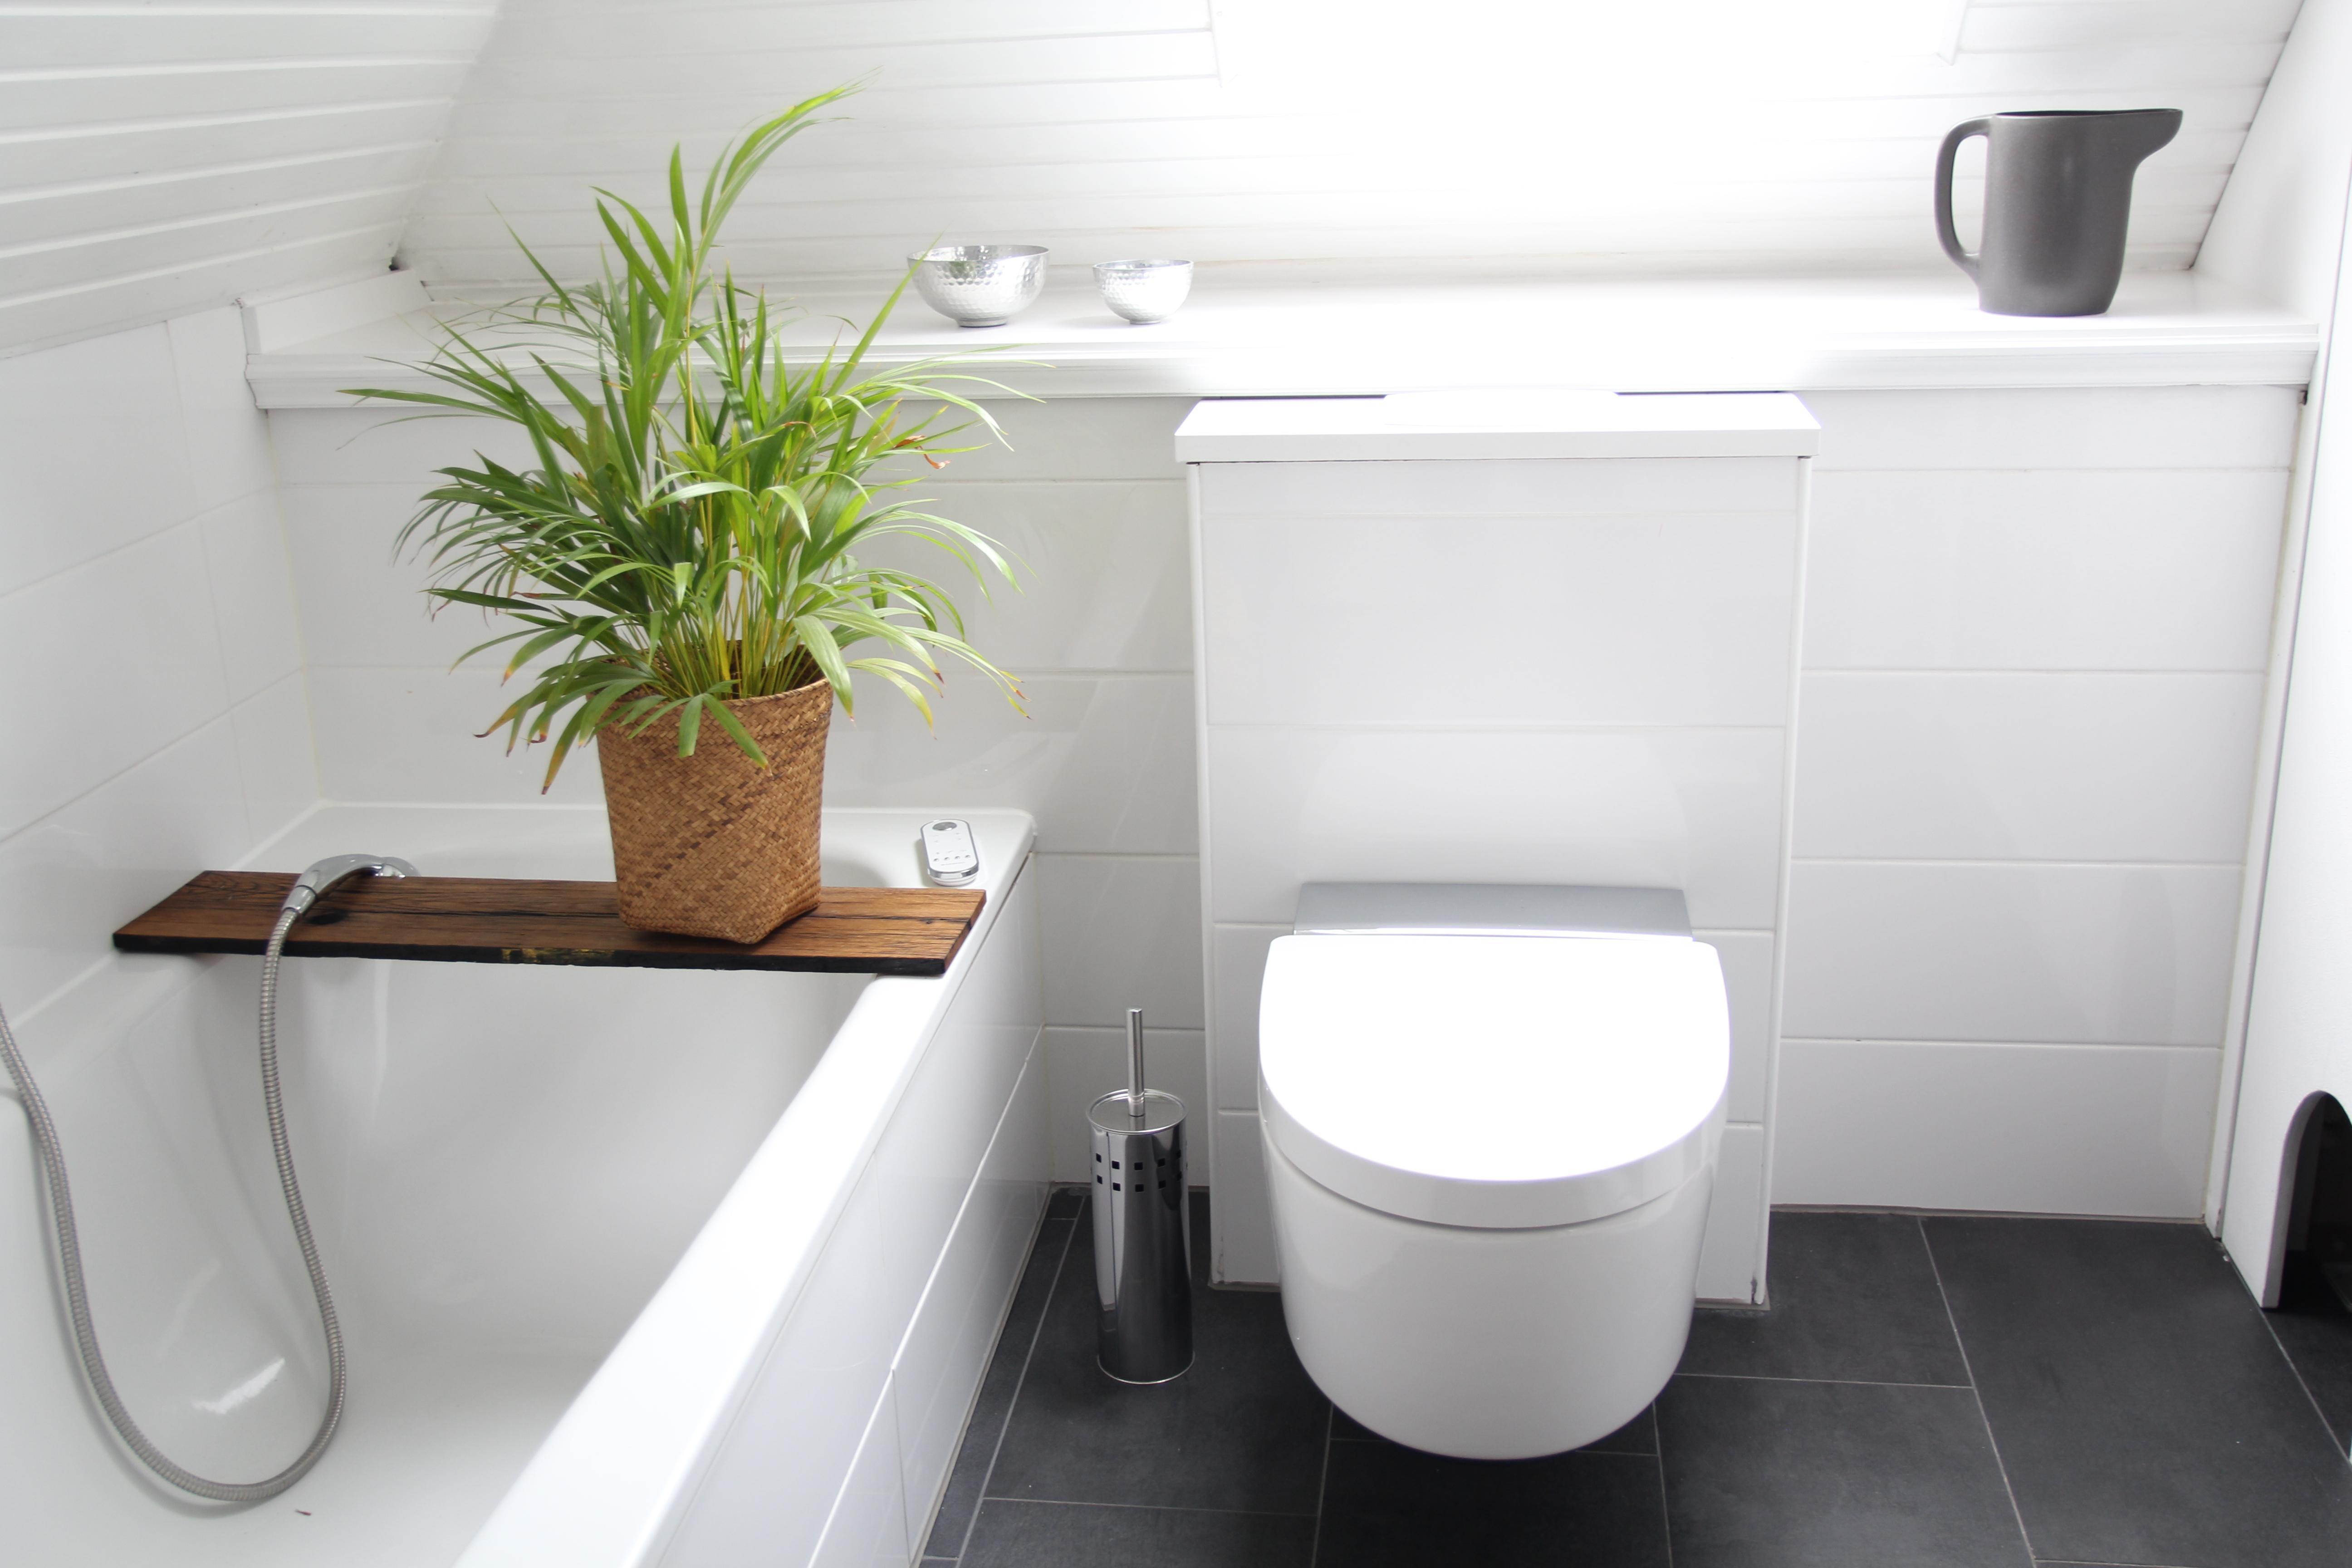 Relativ Dusch-WC nachträglich einbauen: so einfach geht das! - DESIGN DOTS YA02